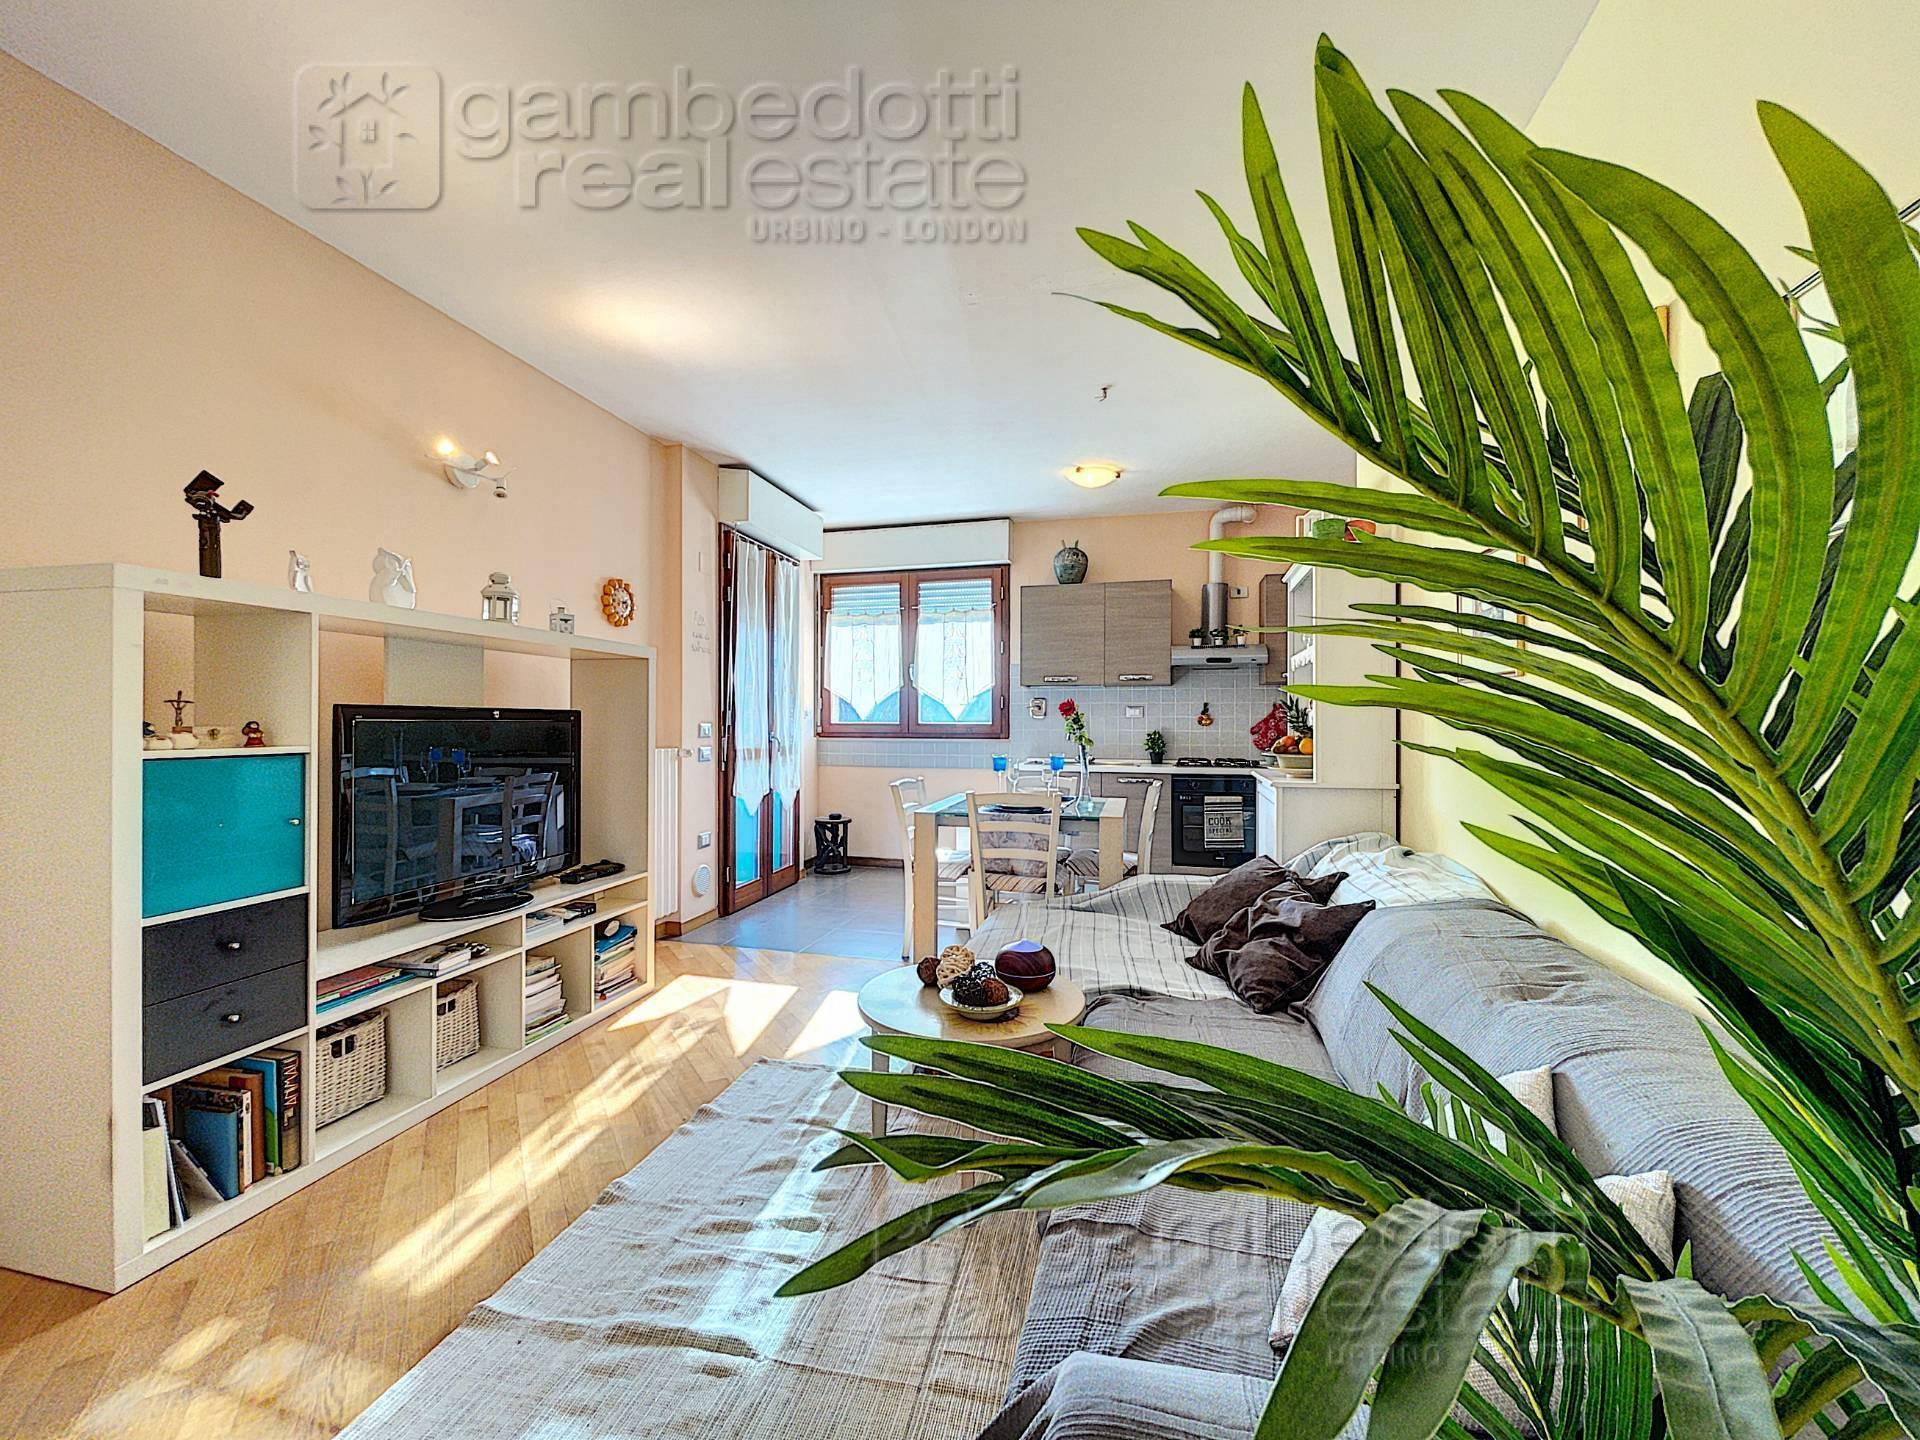 Appartamento in vendita a Urbino, 3 locali, zona Località: Ospedale, prezzo € 179.000 | PortaleAgenzieImmobiliari.it